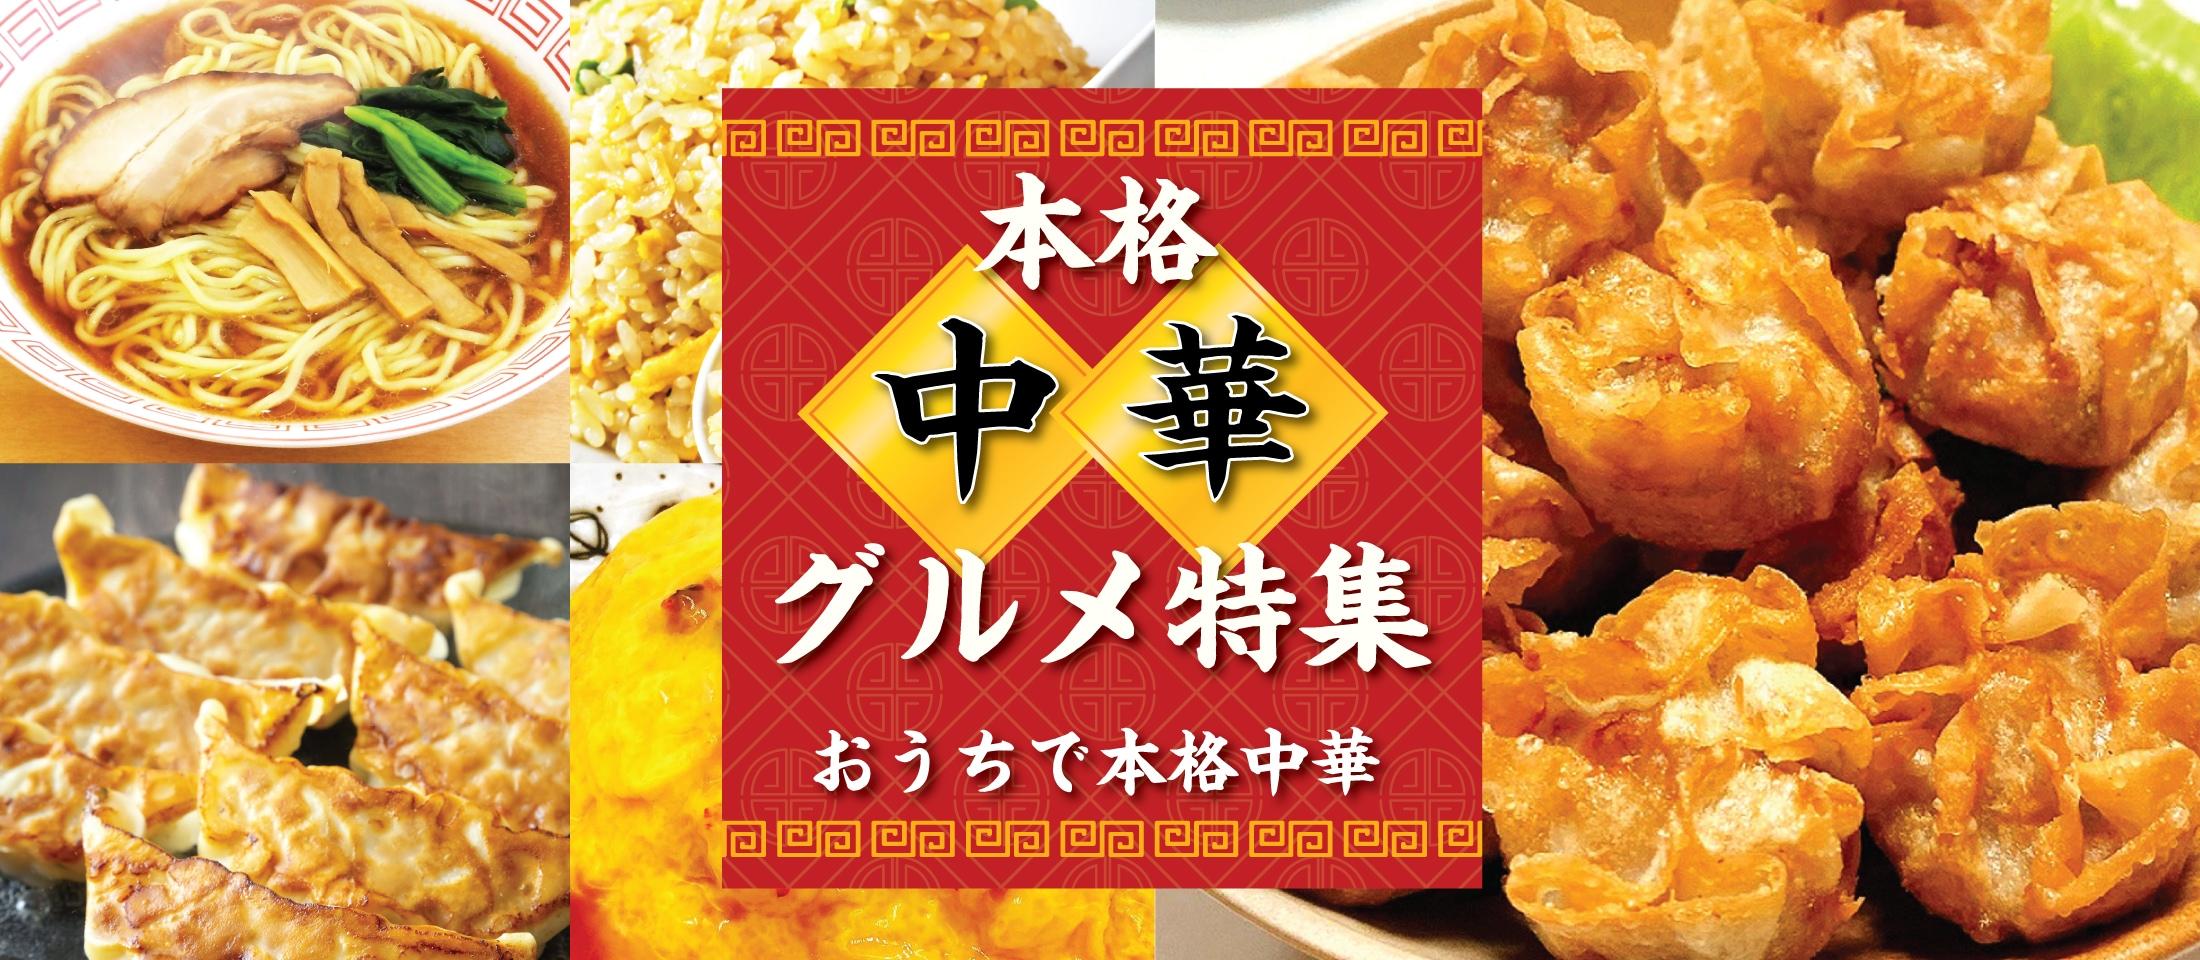 本格中華特集  業務用食品・冷凍食品の通販 |ナカヤマフーズ